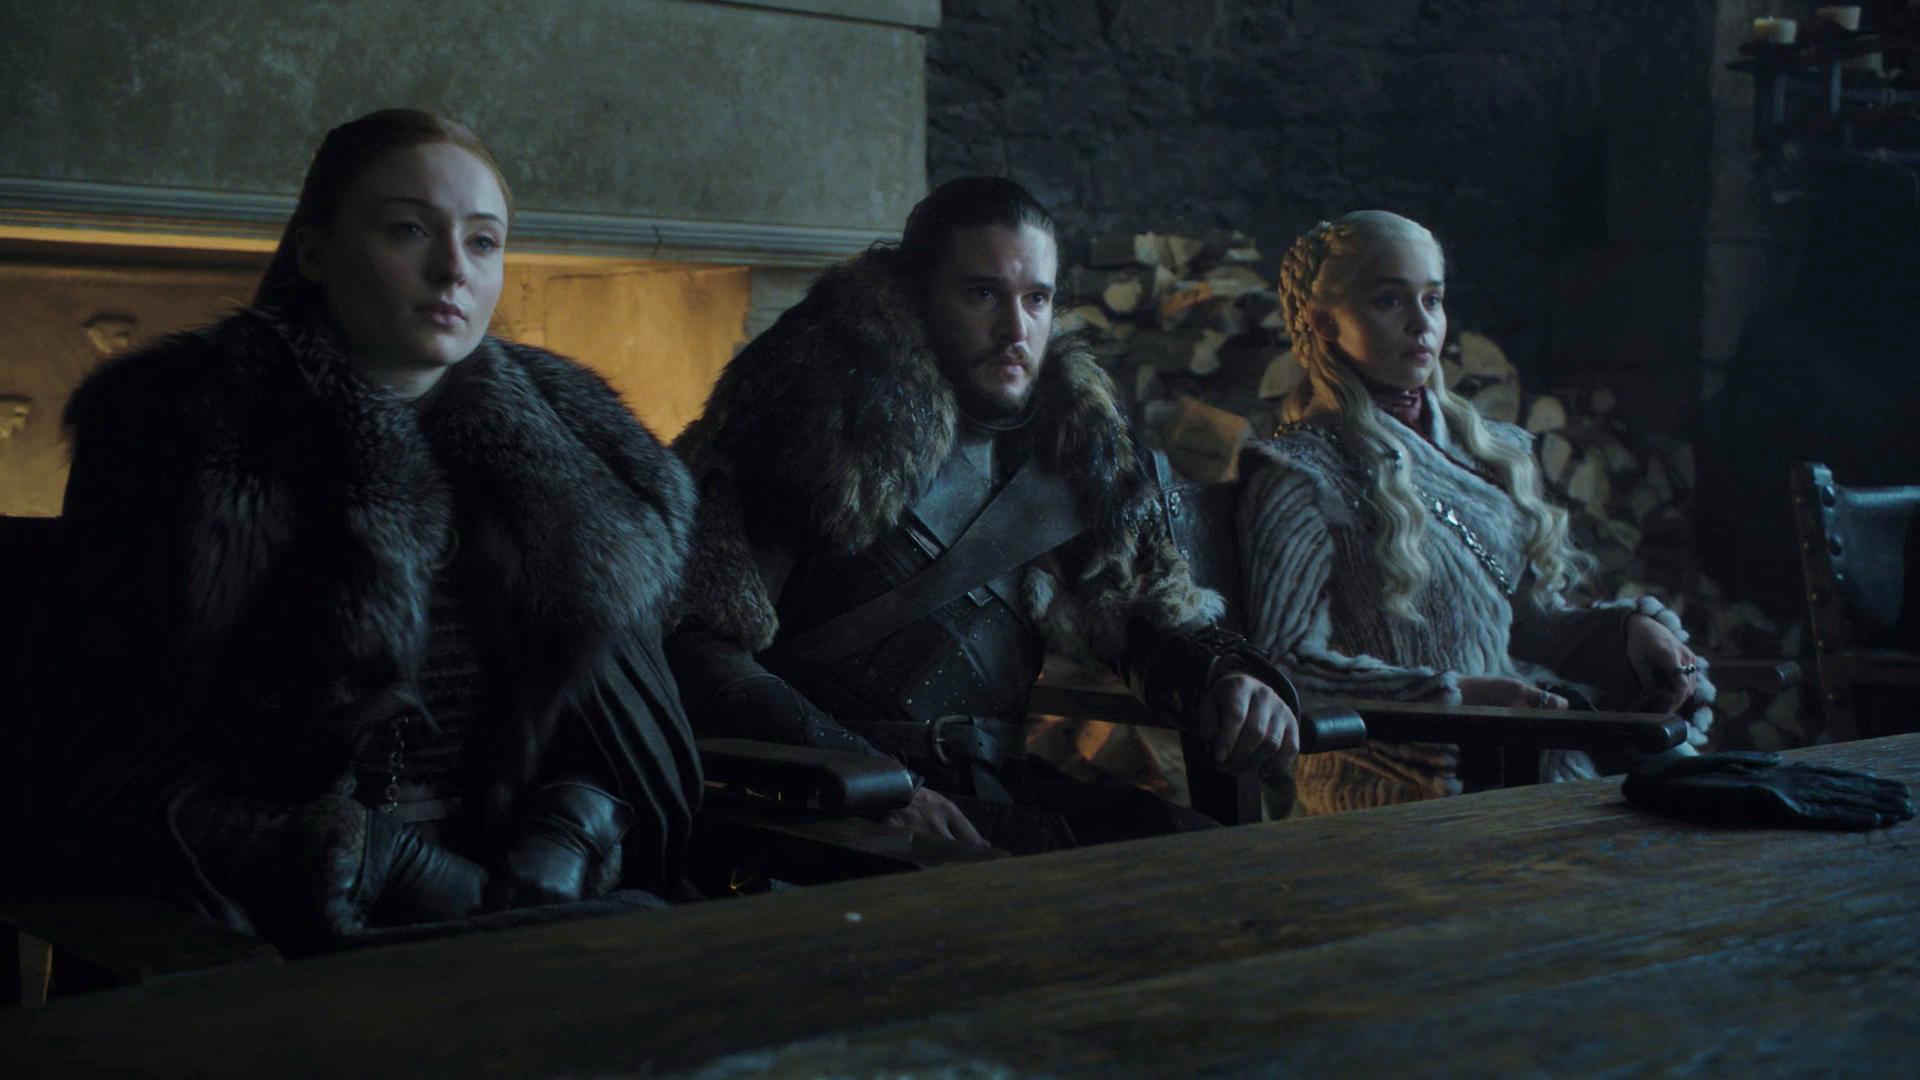 Sansa Stark Jon Snow Daenerys Targaryen Winterfell Hall Season 8 801